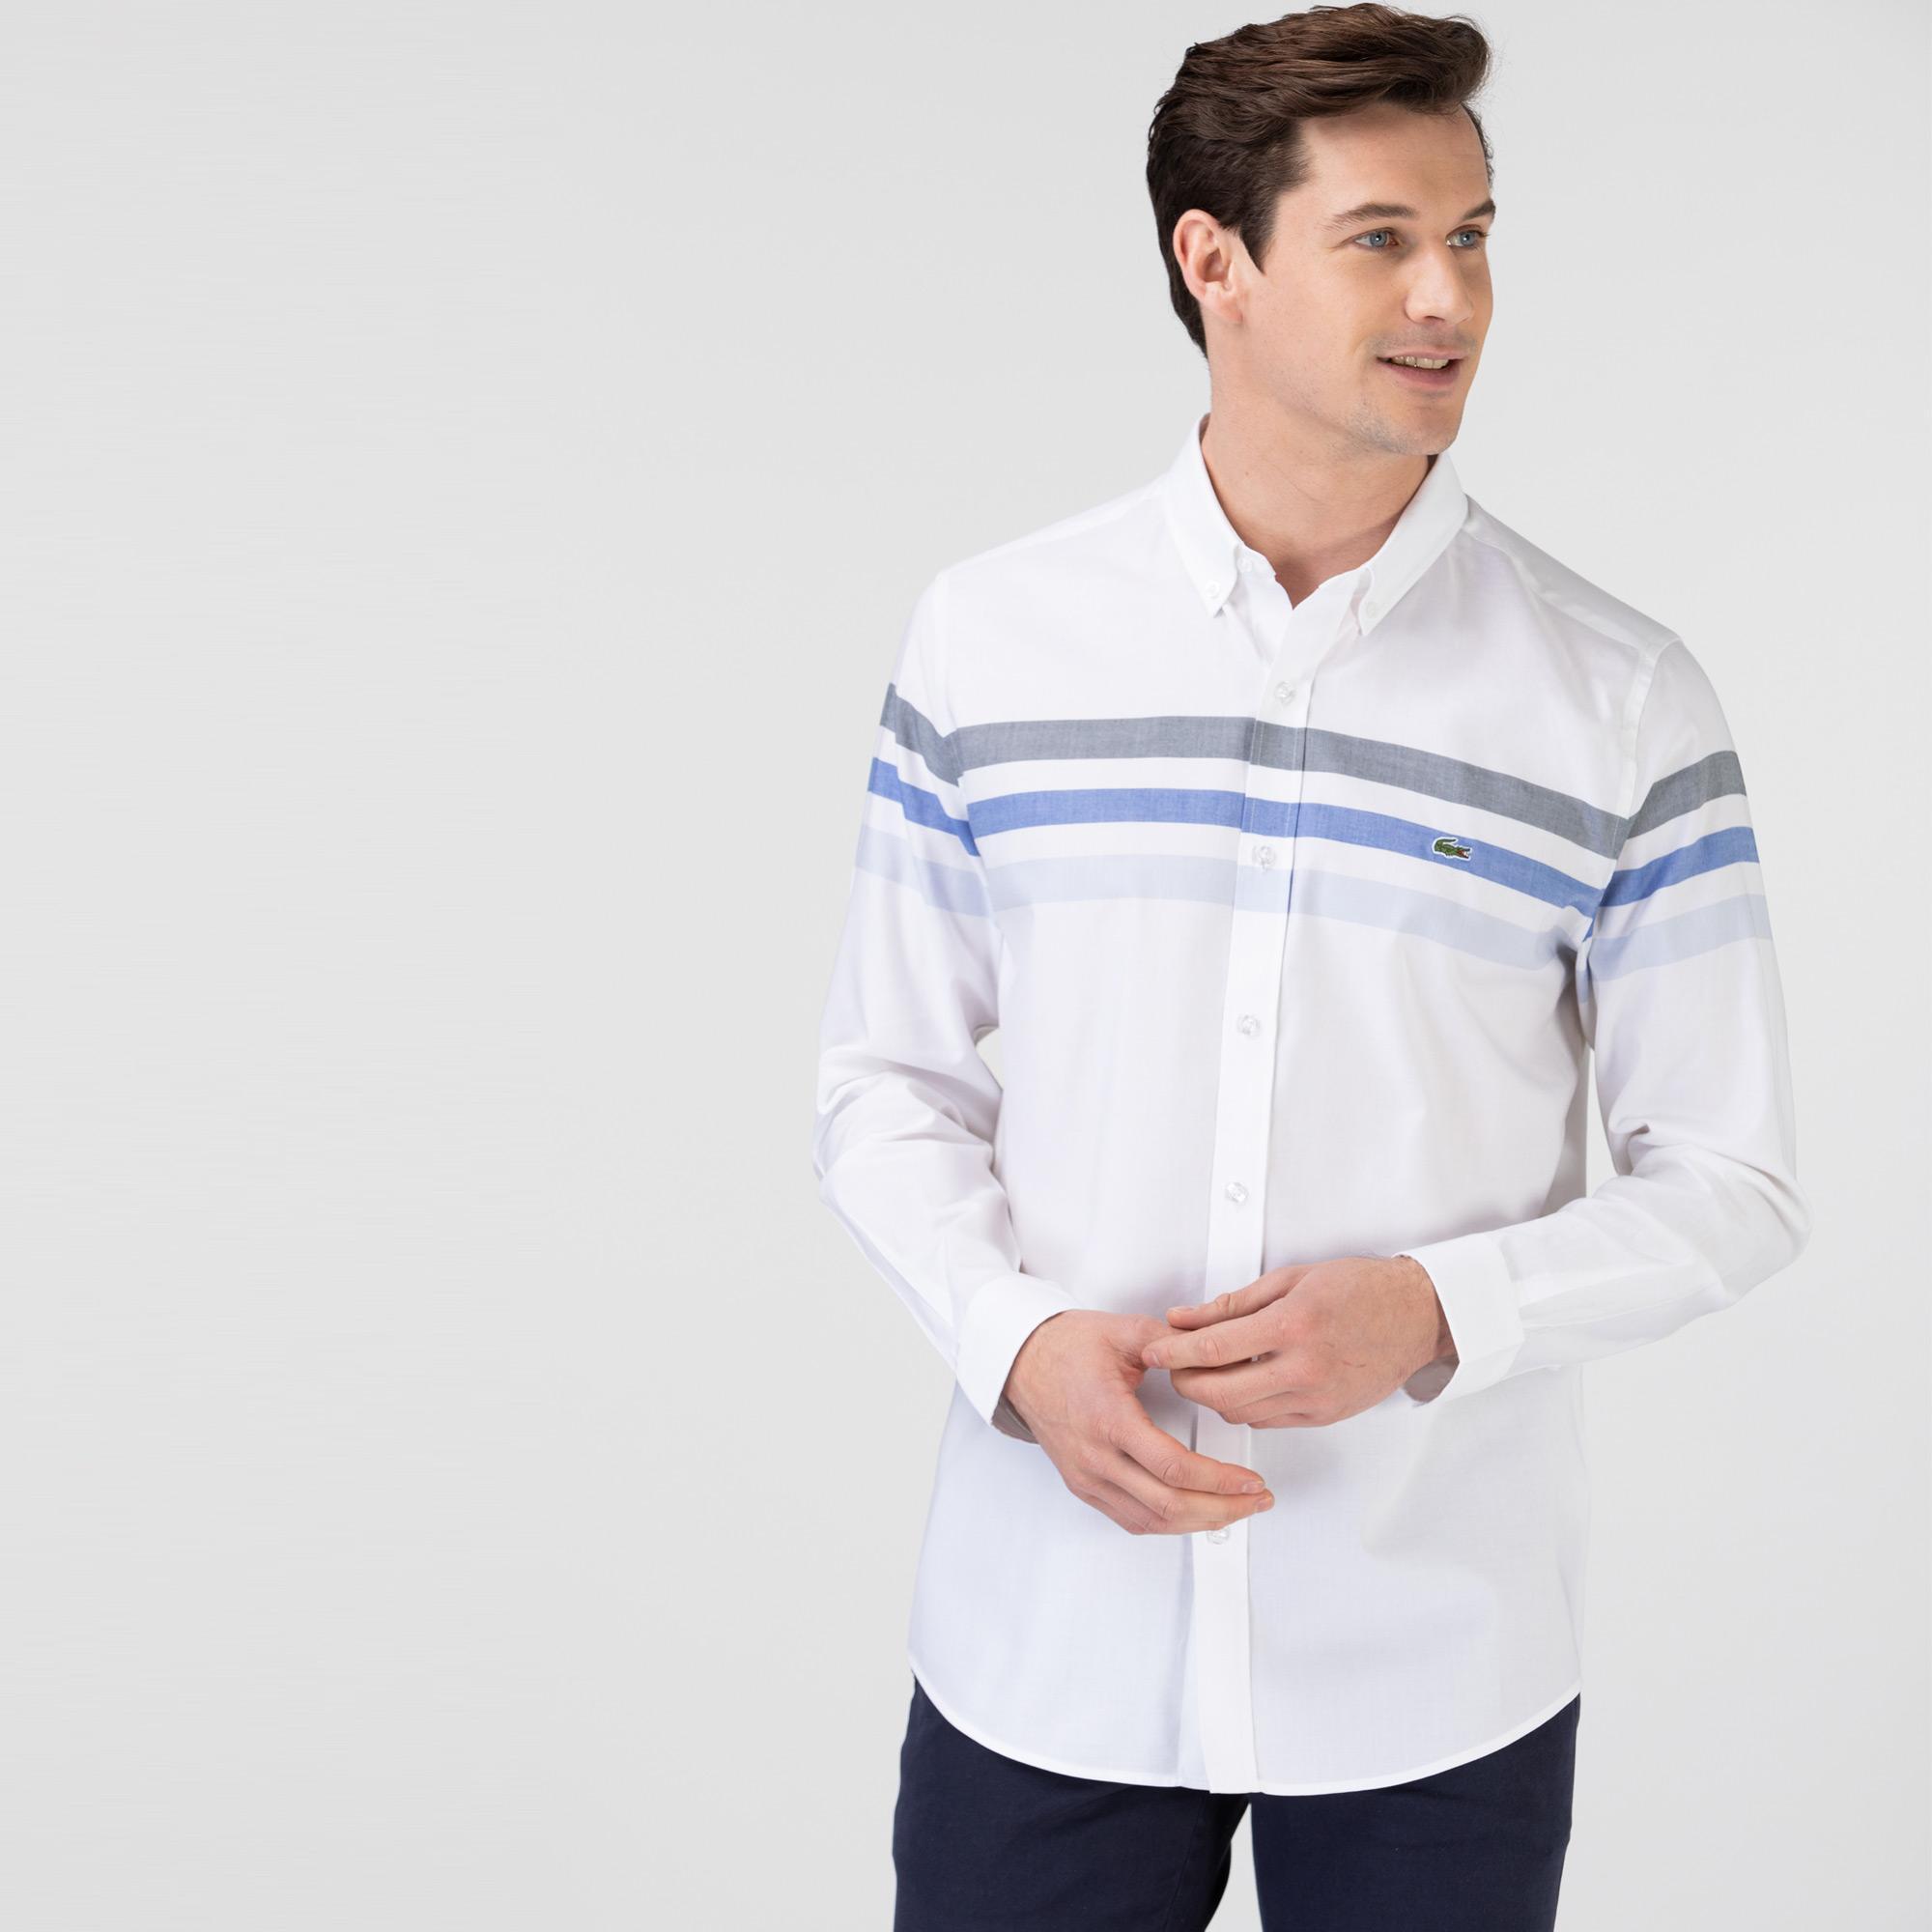 Lacoste Erkek Slim Fit Çizgili Beyaz - Mavi Gömlek